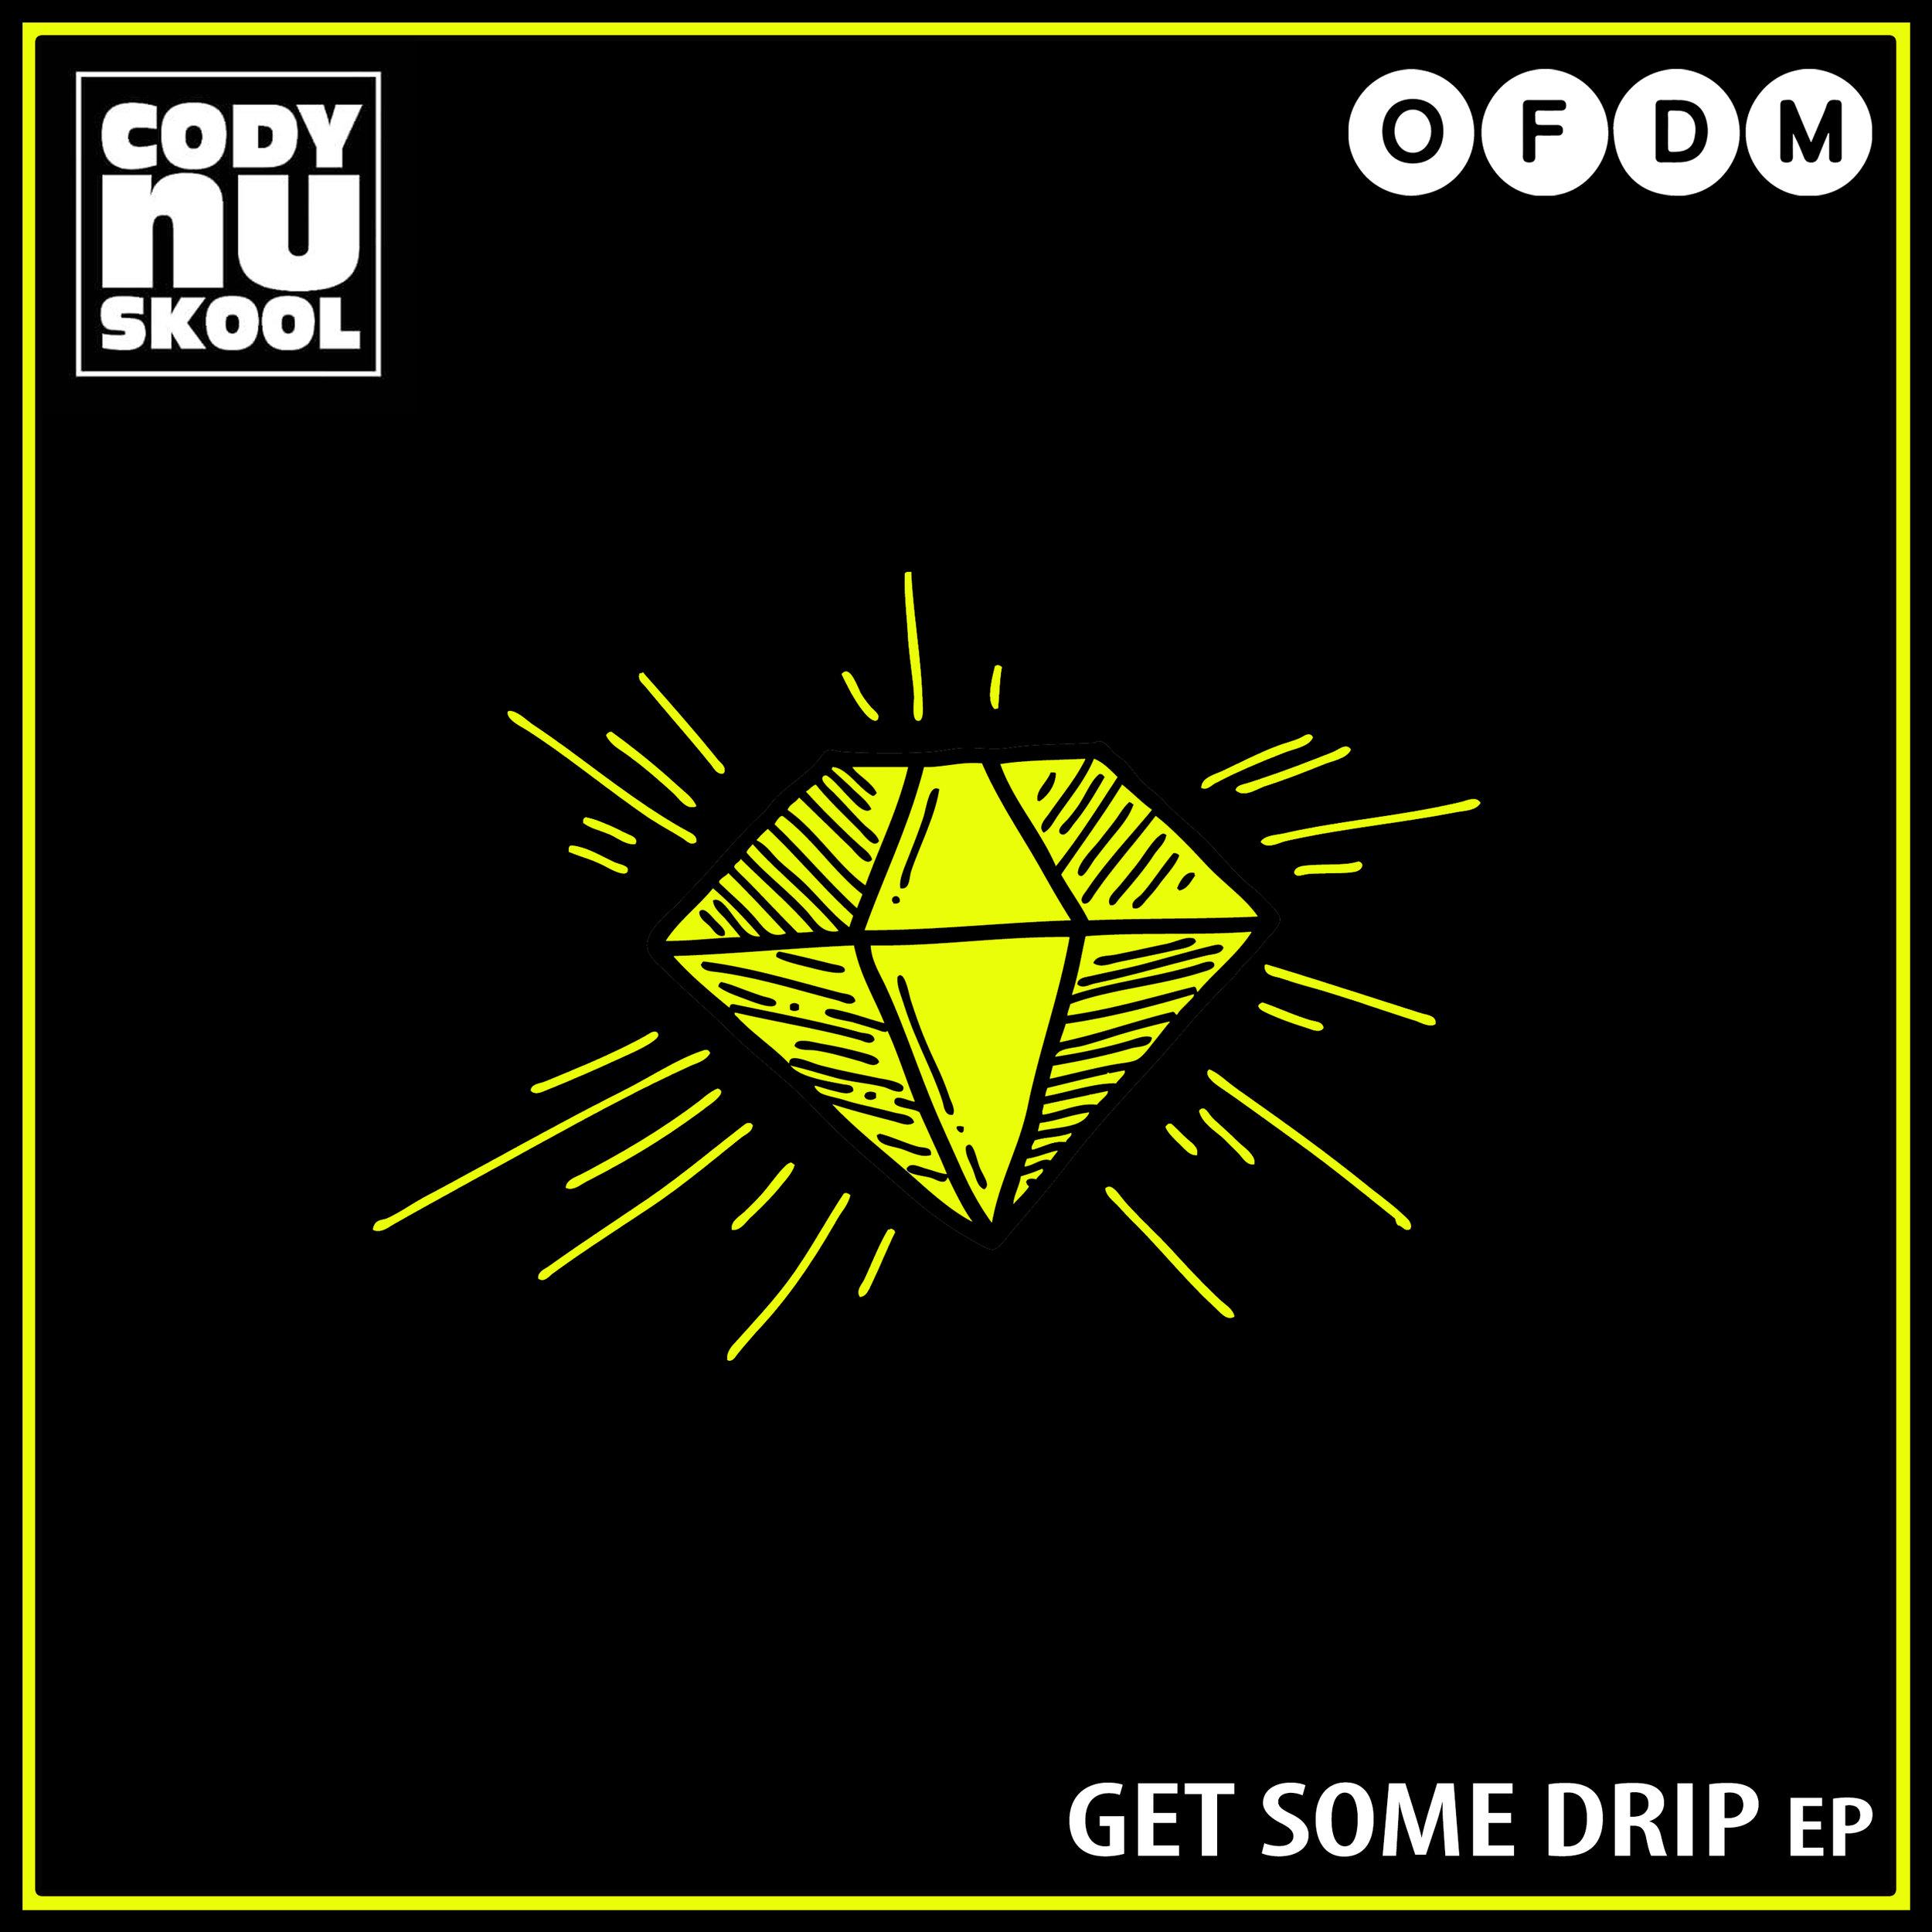 [OFDM032] Cody Nu Skool - Get Some Drip EP.jpg